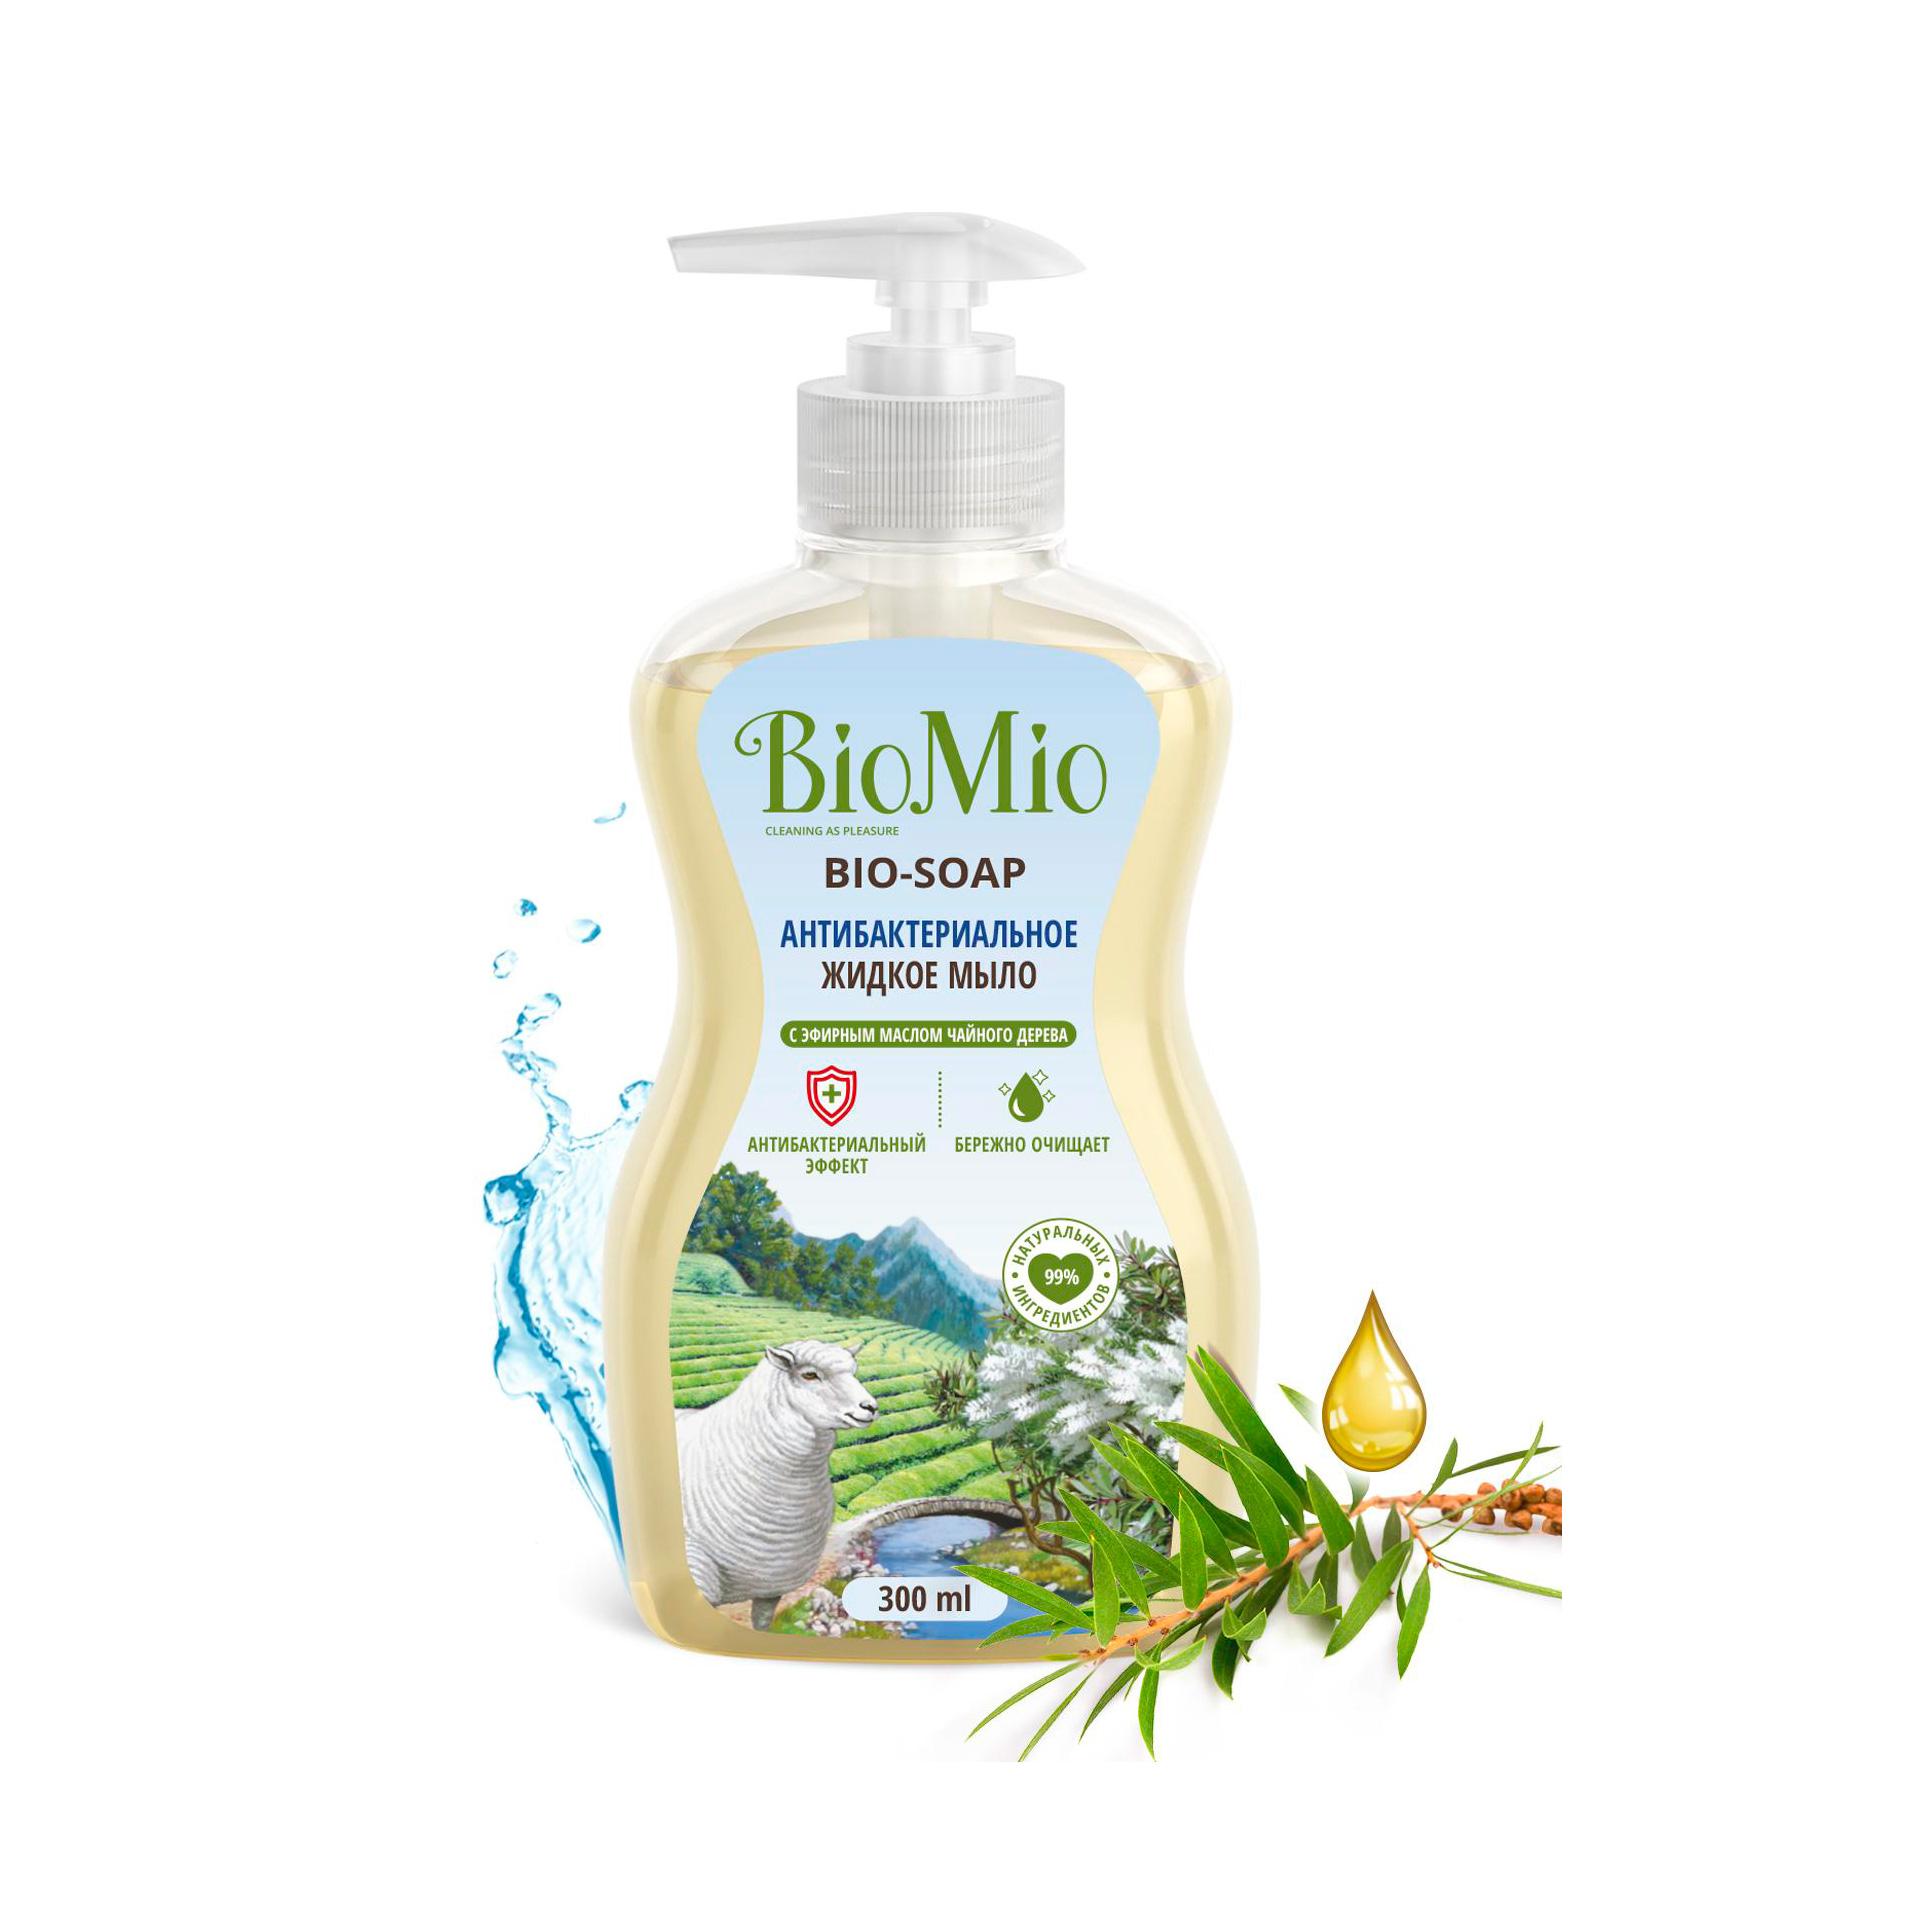 Мыло антибактериальное жидкое BioMio Bio-soap с маслом чайного дерева 300 мл детское жидкое мыло biomio baby 300 мл